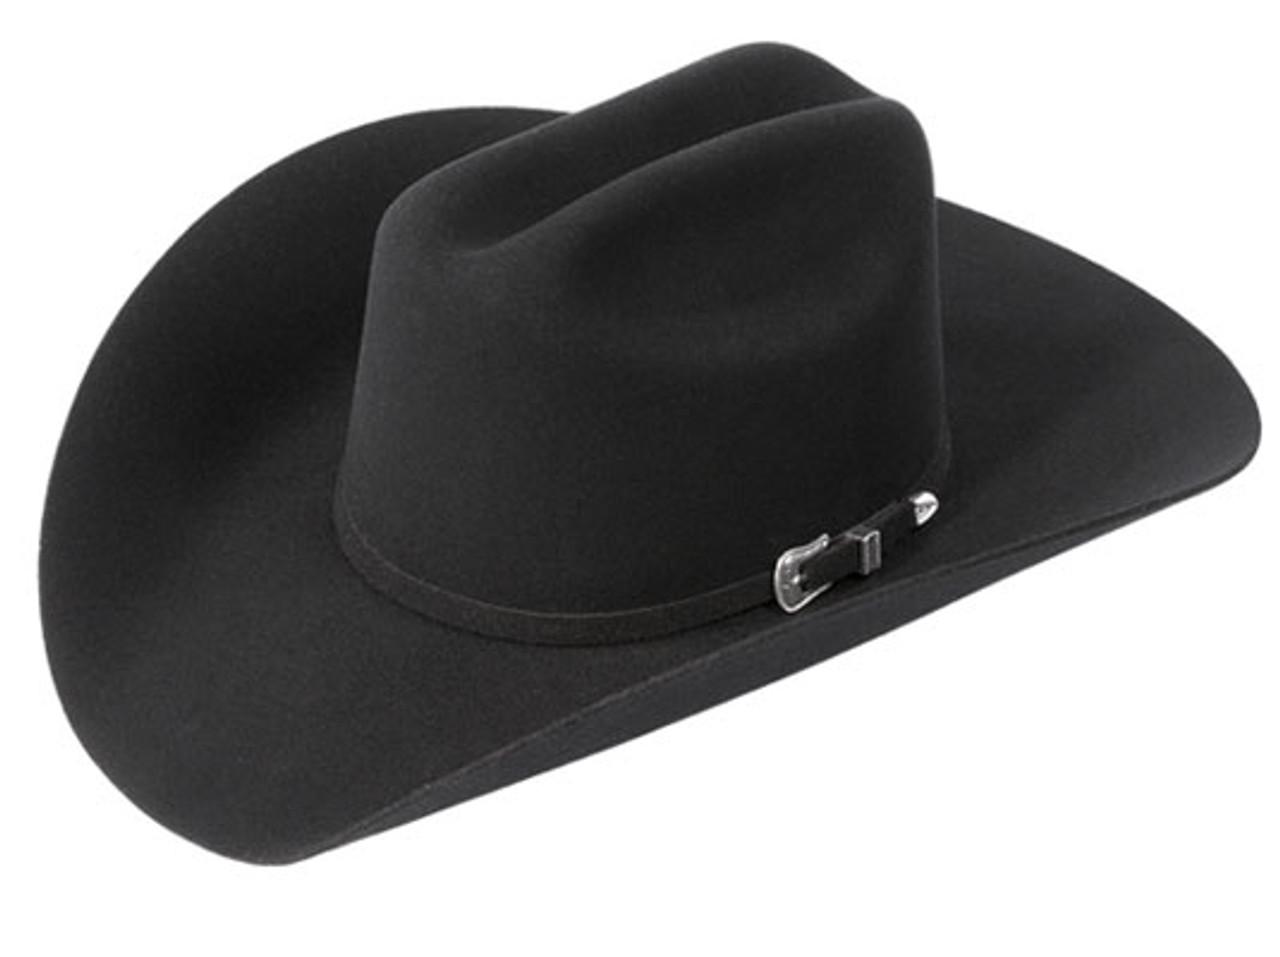 61c4f151ab2 BAILEY LIGHTNING 4X BLACK FELT COWBOY HAT 4140 - Jackson s Western